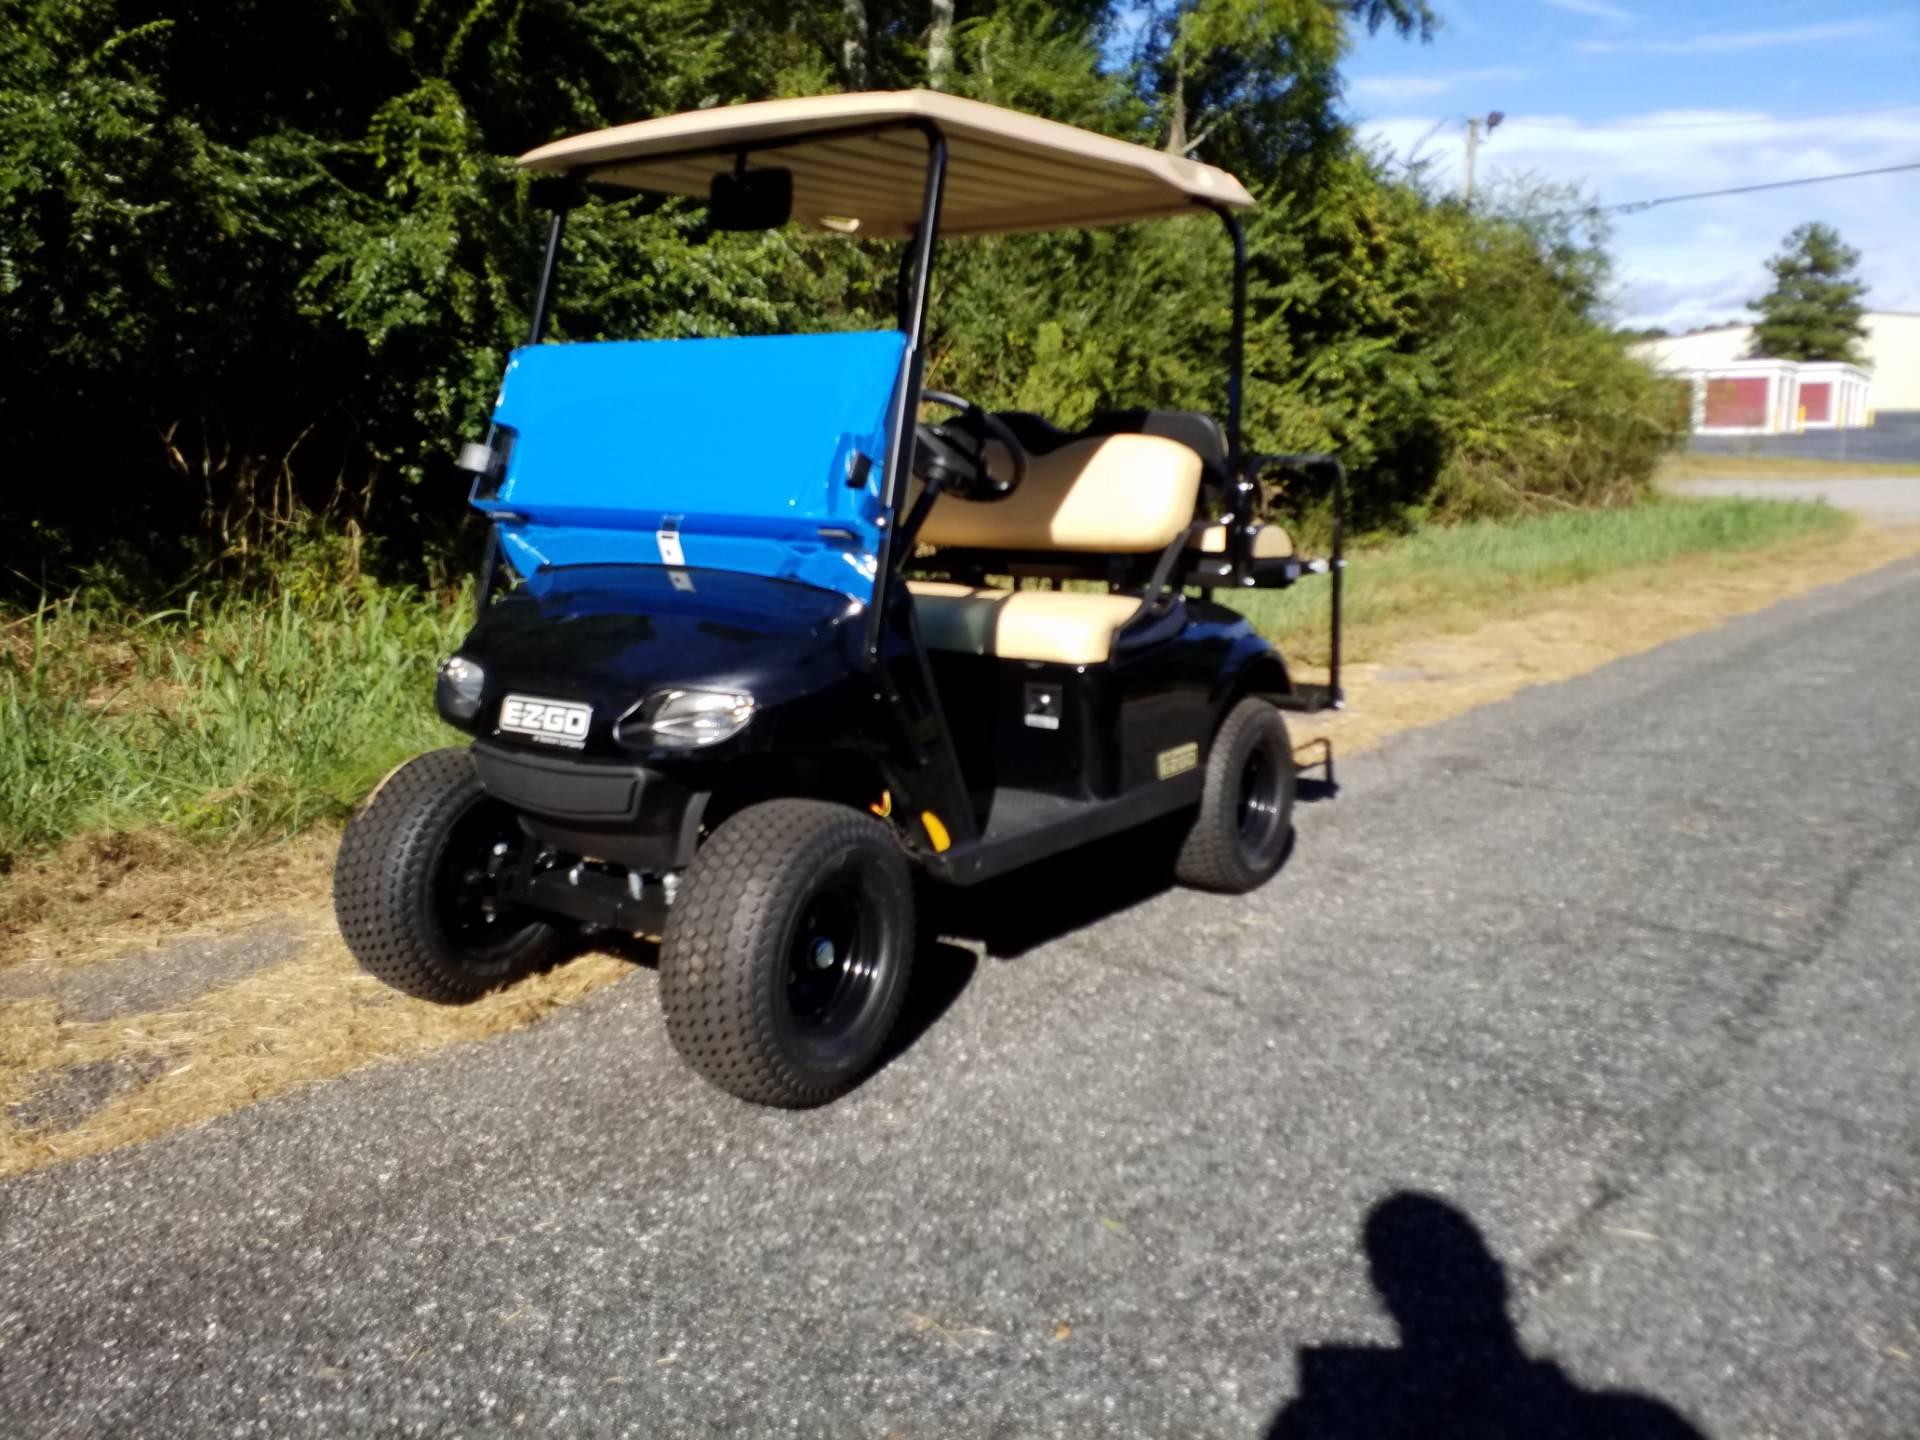 New 2019 E Z Go Txt Valor Gasoline Golf Carts In Covington Ga Ezgo Fuel Filter Georgia